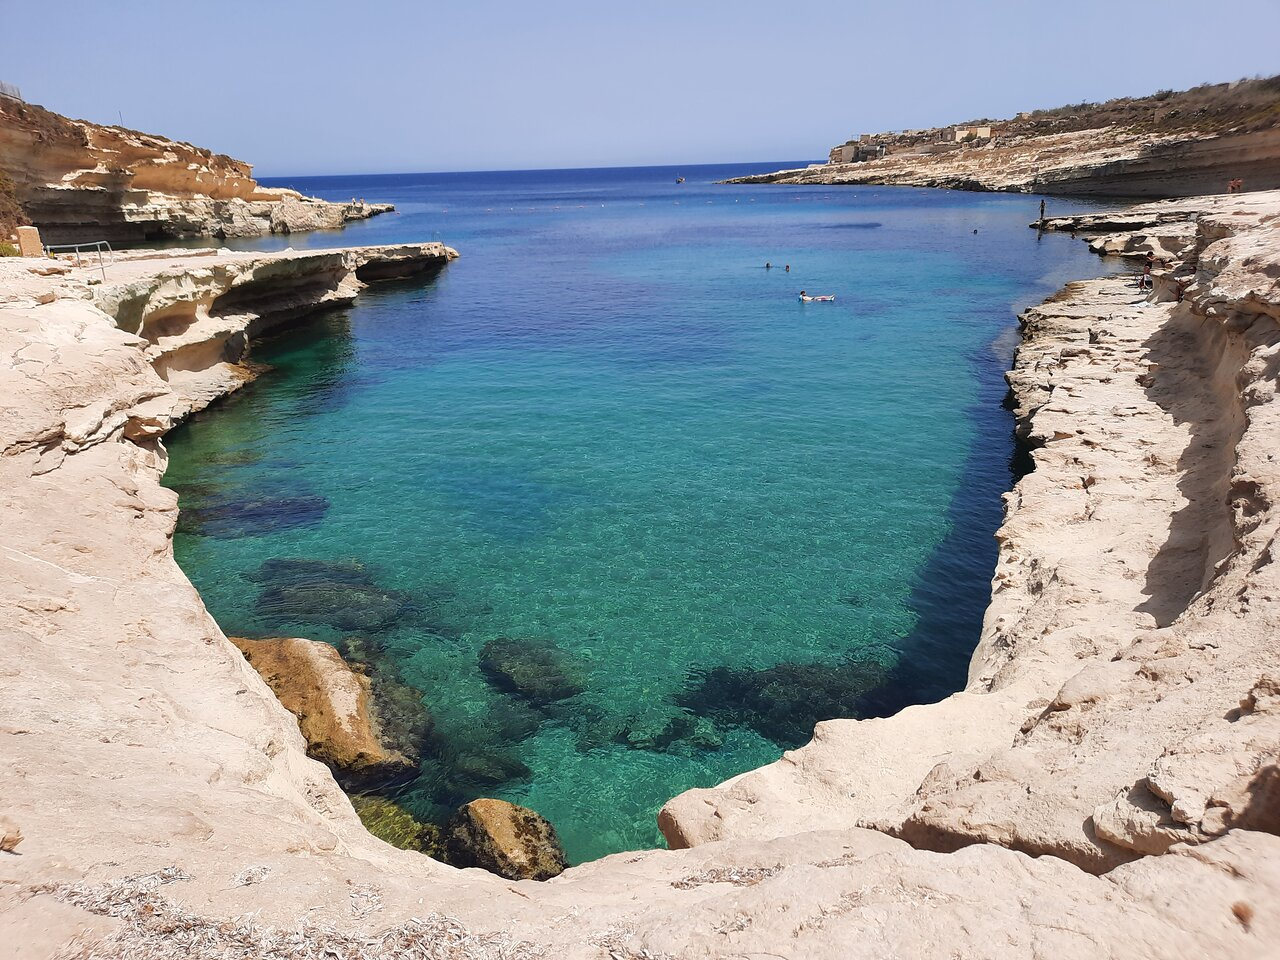 Il-kalanka Beach (Marsaxlokk) : 2021 Ce qu'il faut savoir pour votre visite - Tripadvisor